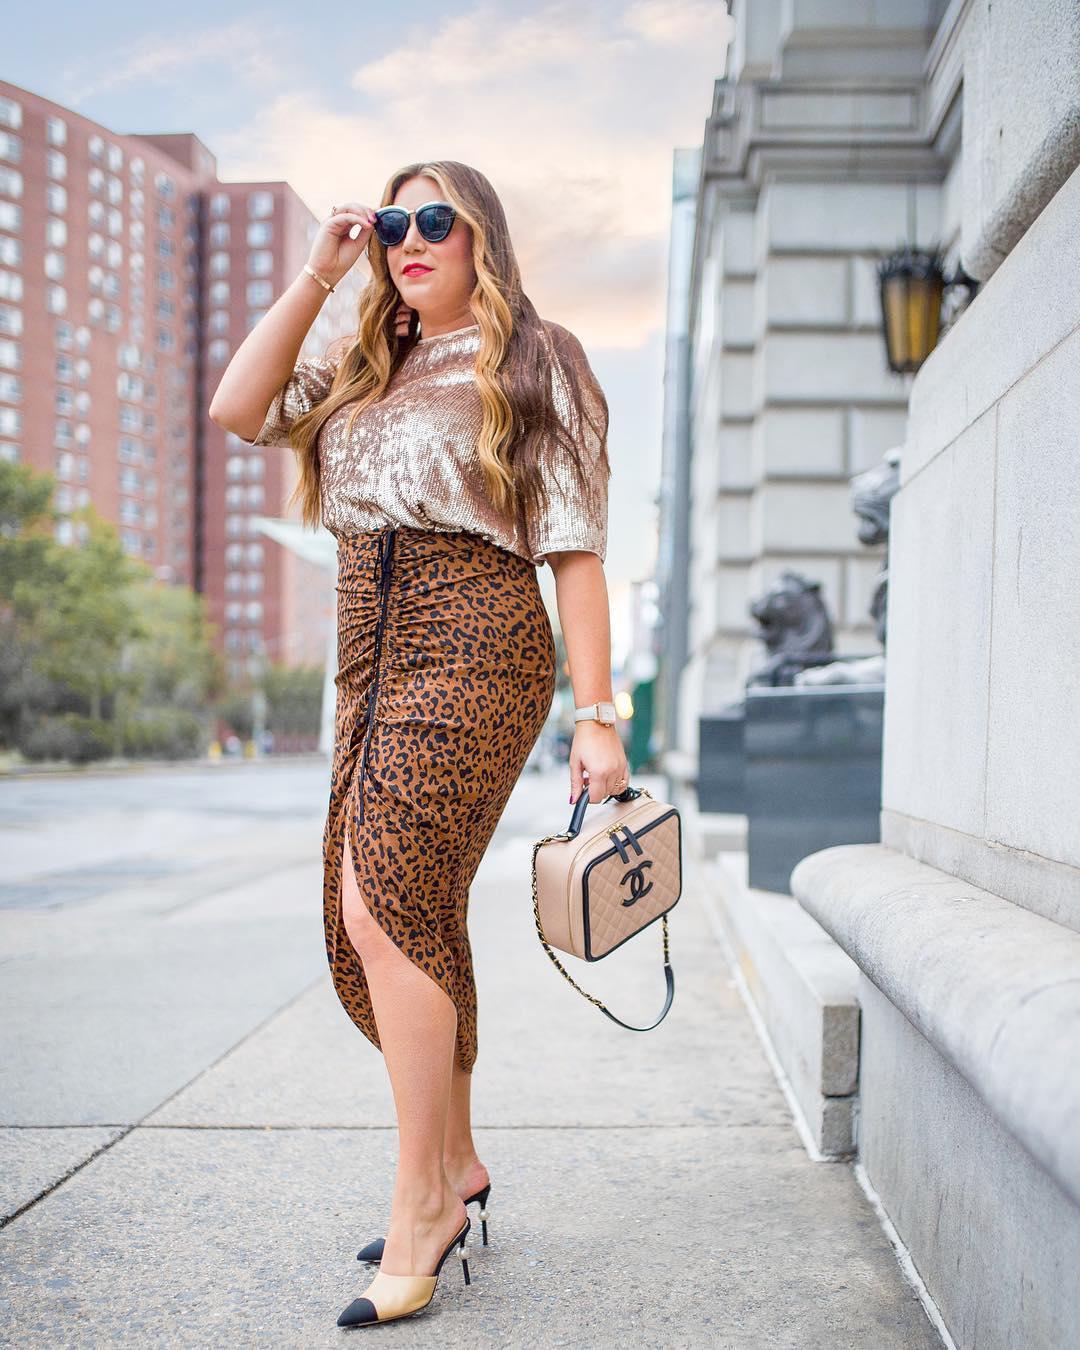 Как носить леопардовый принт женщинам с формами: 10 удачных примеров